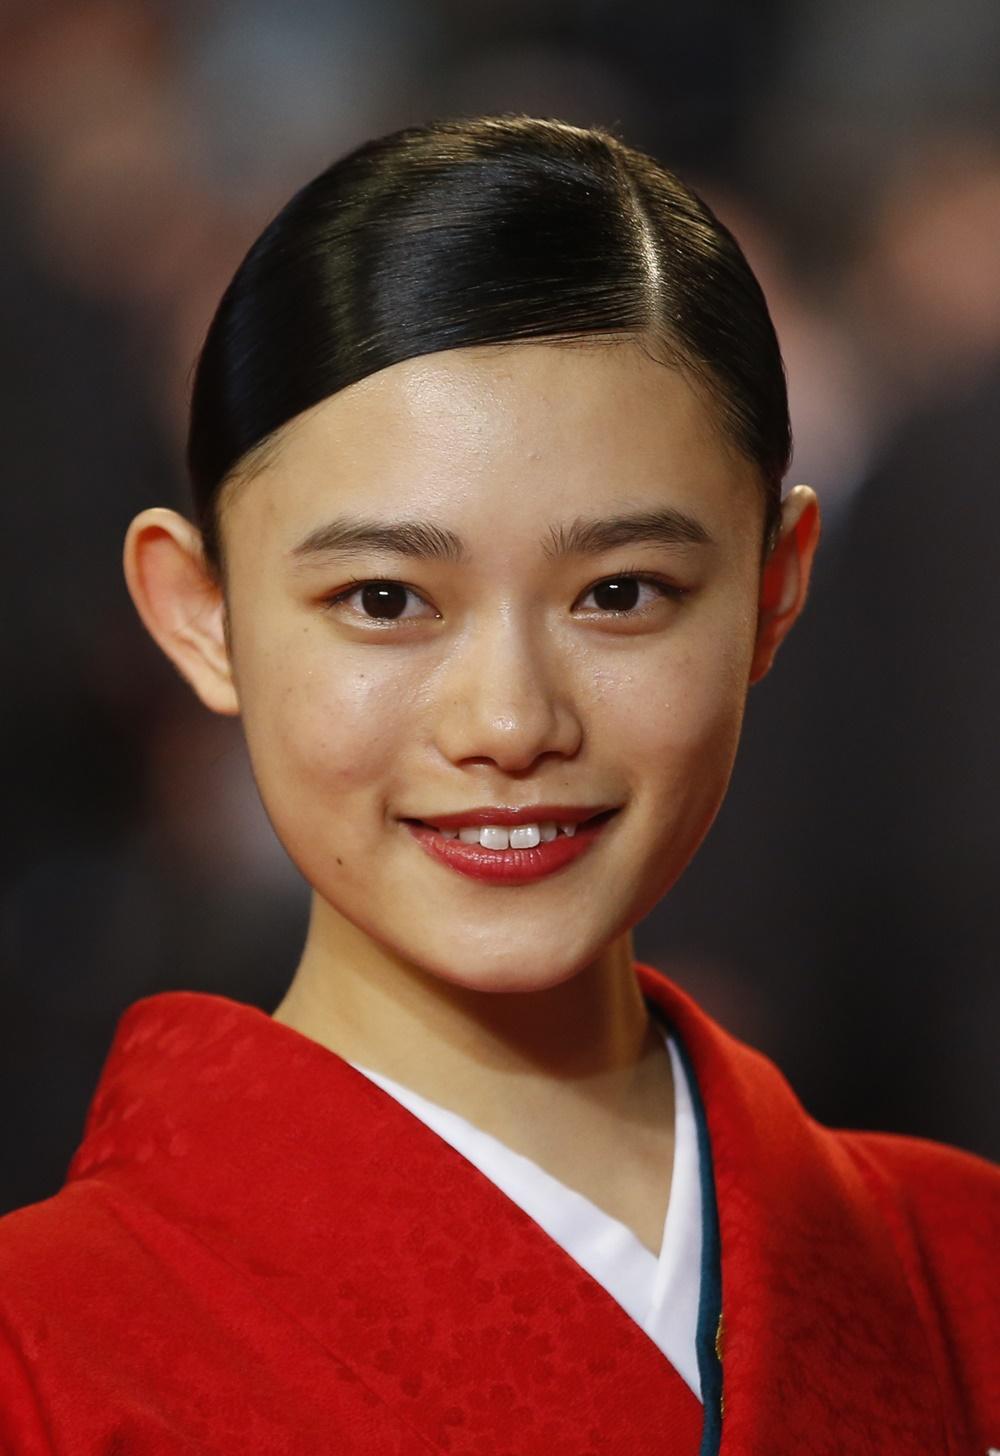 《無限之住人》女主角杉咲花。AP